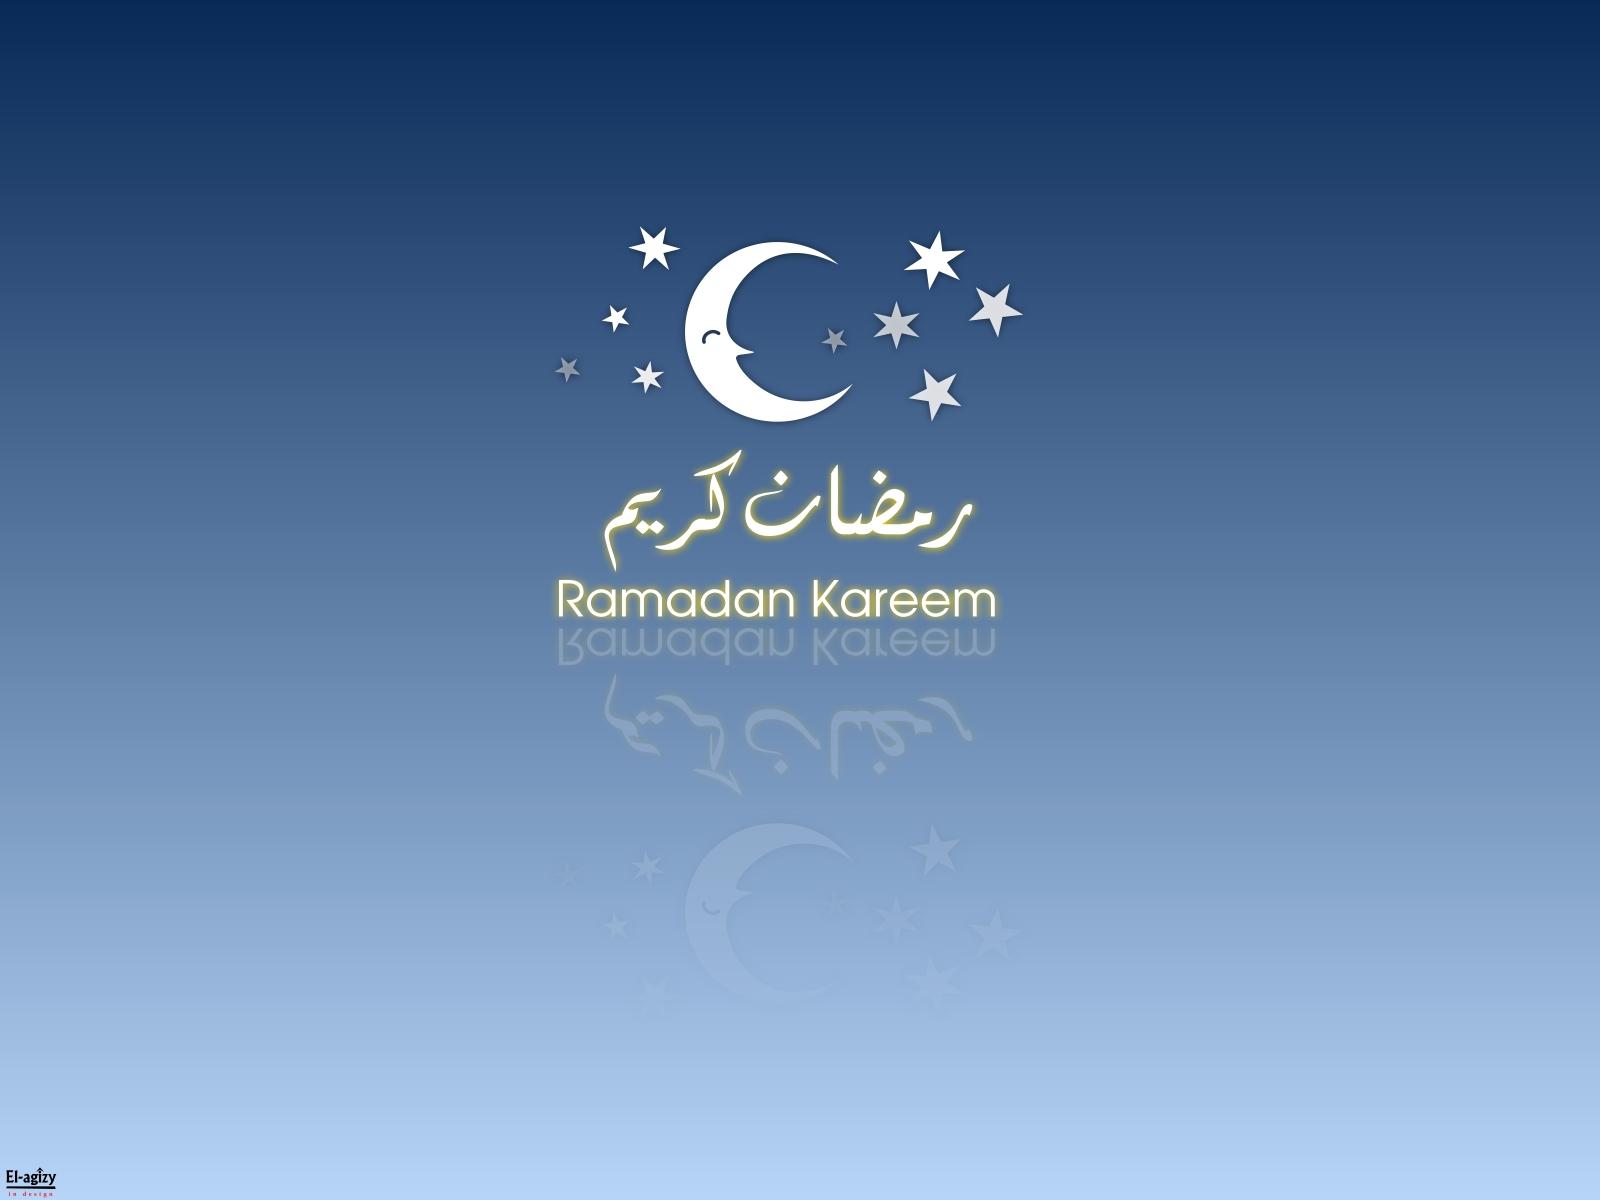 http://3.bp.blogspot.com/-cWE6U9bmsqA/TiyLeLvHiyI/AAAAAAAAM6E/AQJUG17R-UU/s1600/RamadanKareem2.jpg